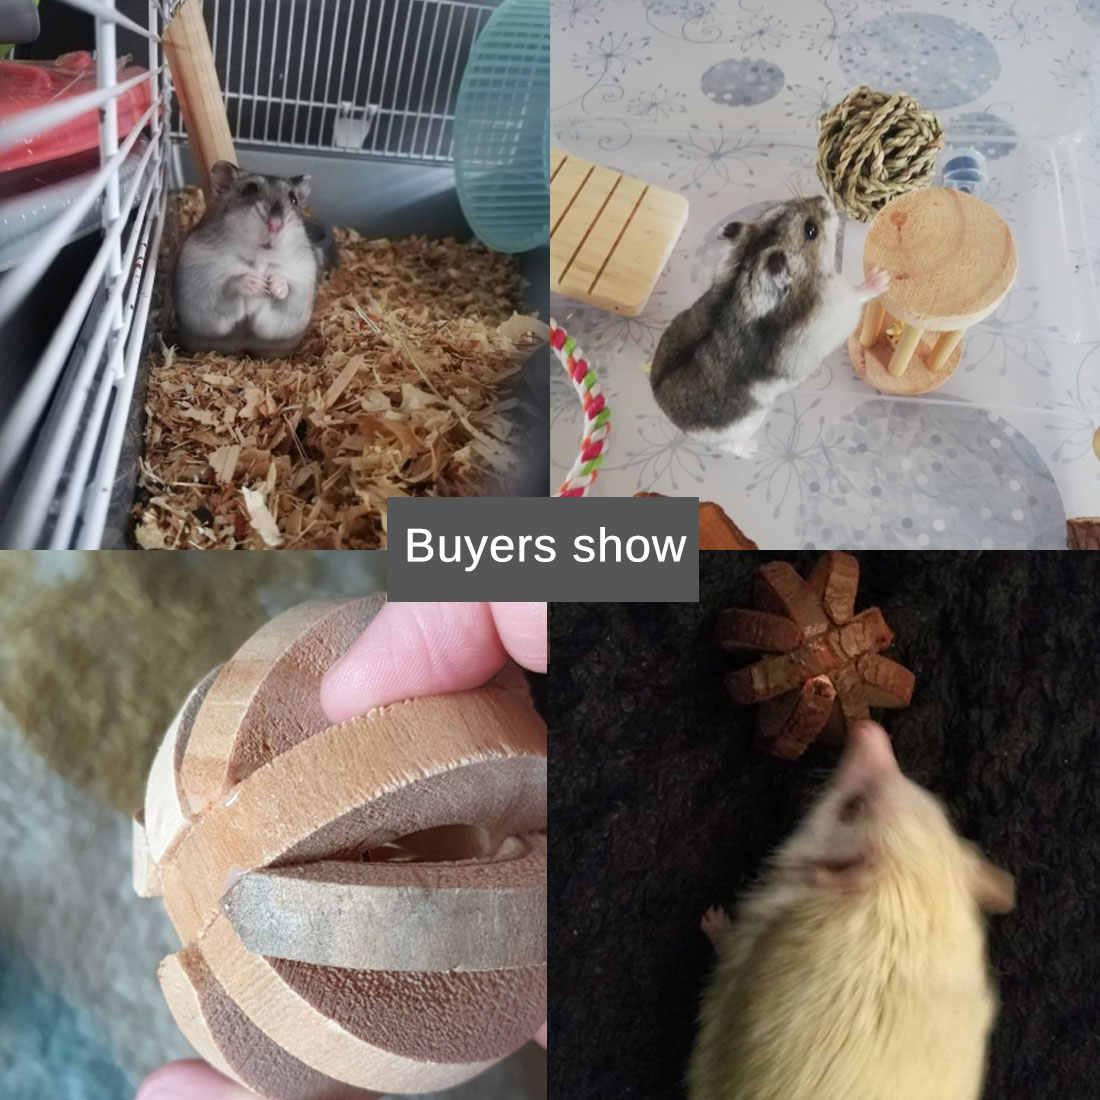 Nette Natürliche Holz Kaninchen Kleine Pet Molaren Liefert Spielzeug Kiefer Dumbells Einrad Glocke Roller Kauen Spielzeug für Guinea Schweine Ratte